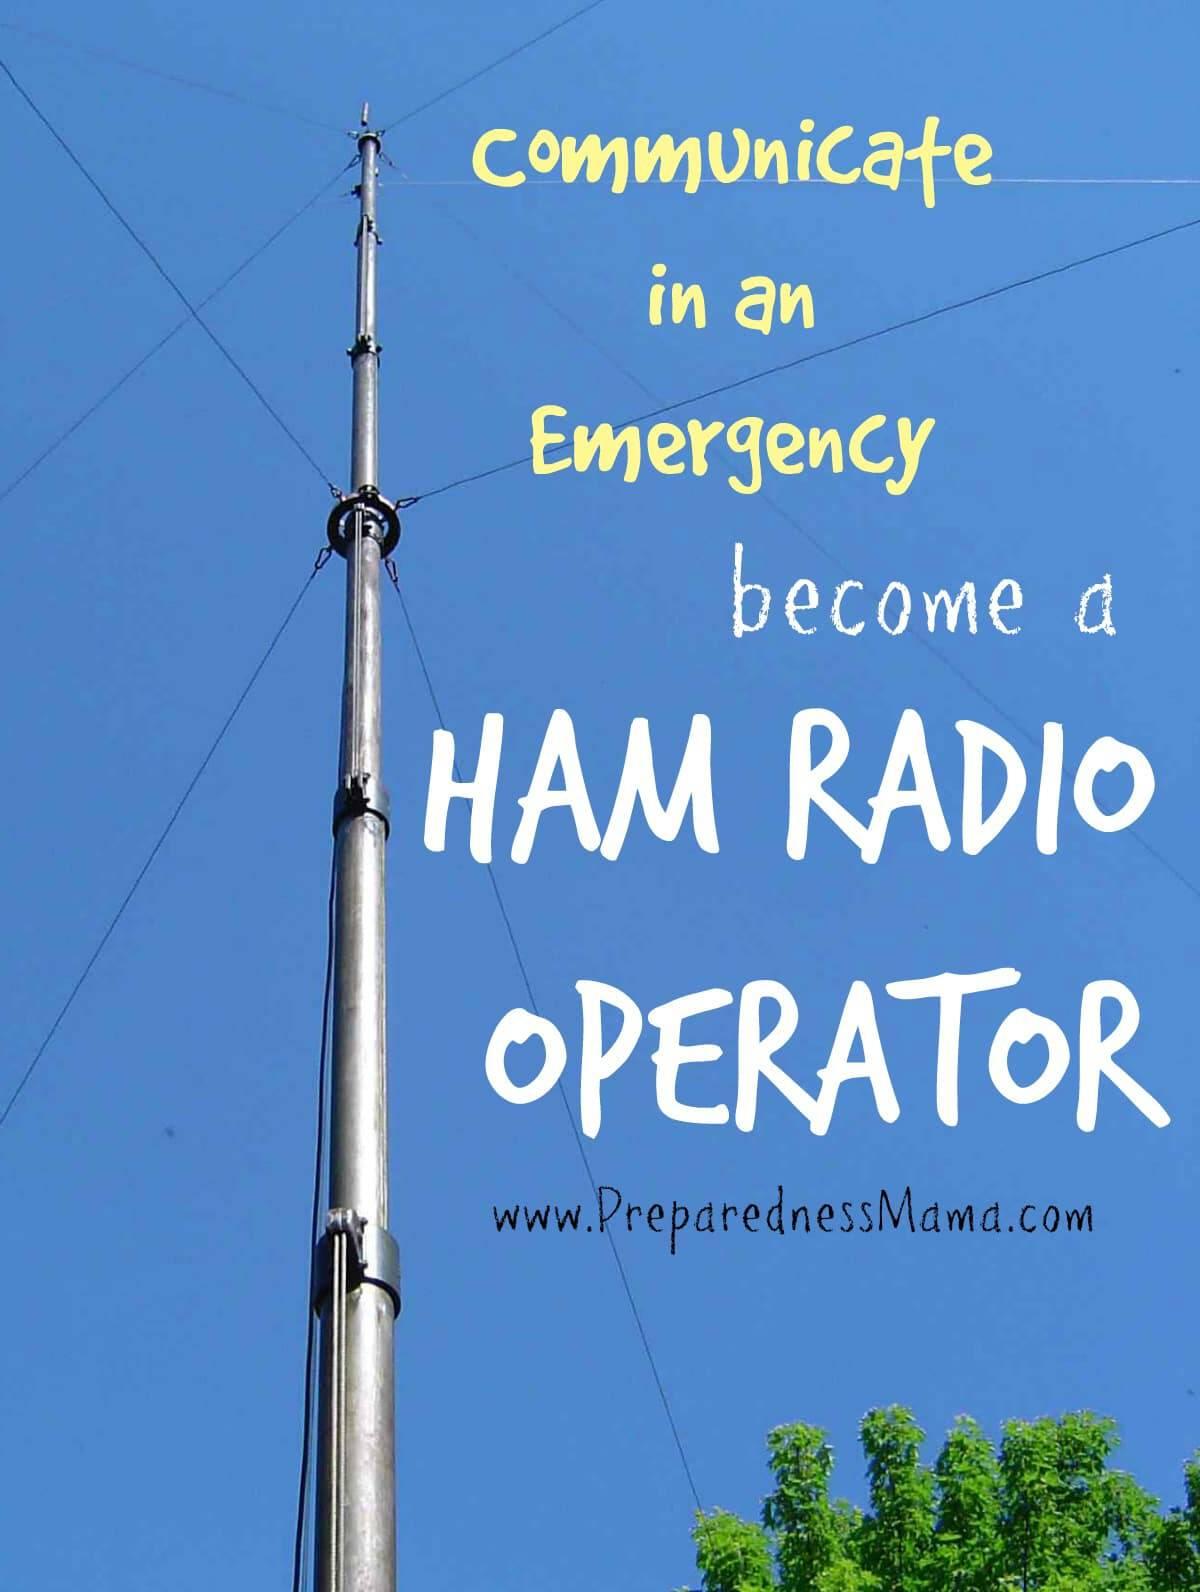 Communicate in an emergency, become a ham radio operator | PreparednessMama